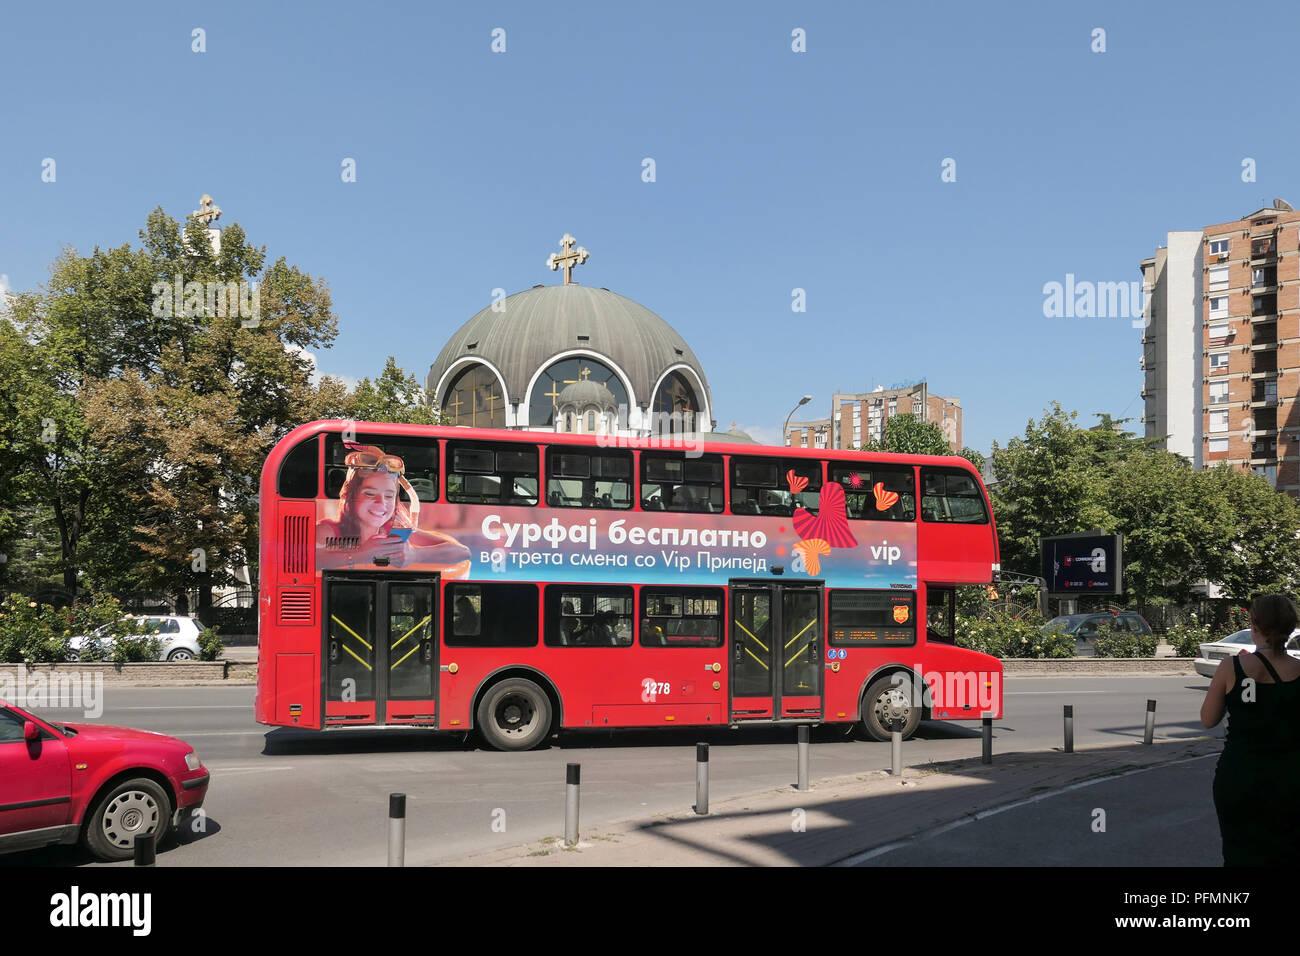 red London double decker bu in Skopje, Macedonia - Stock Image